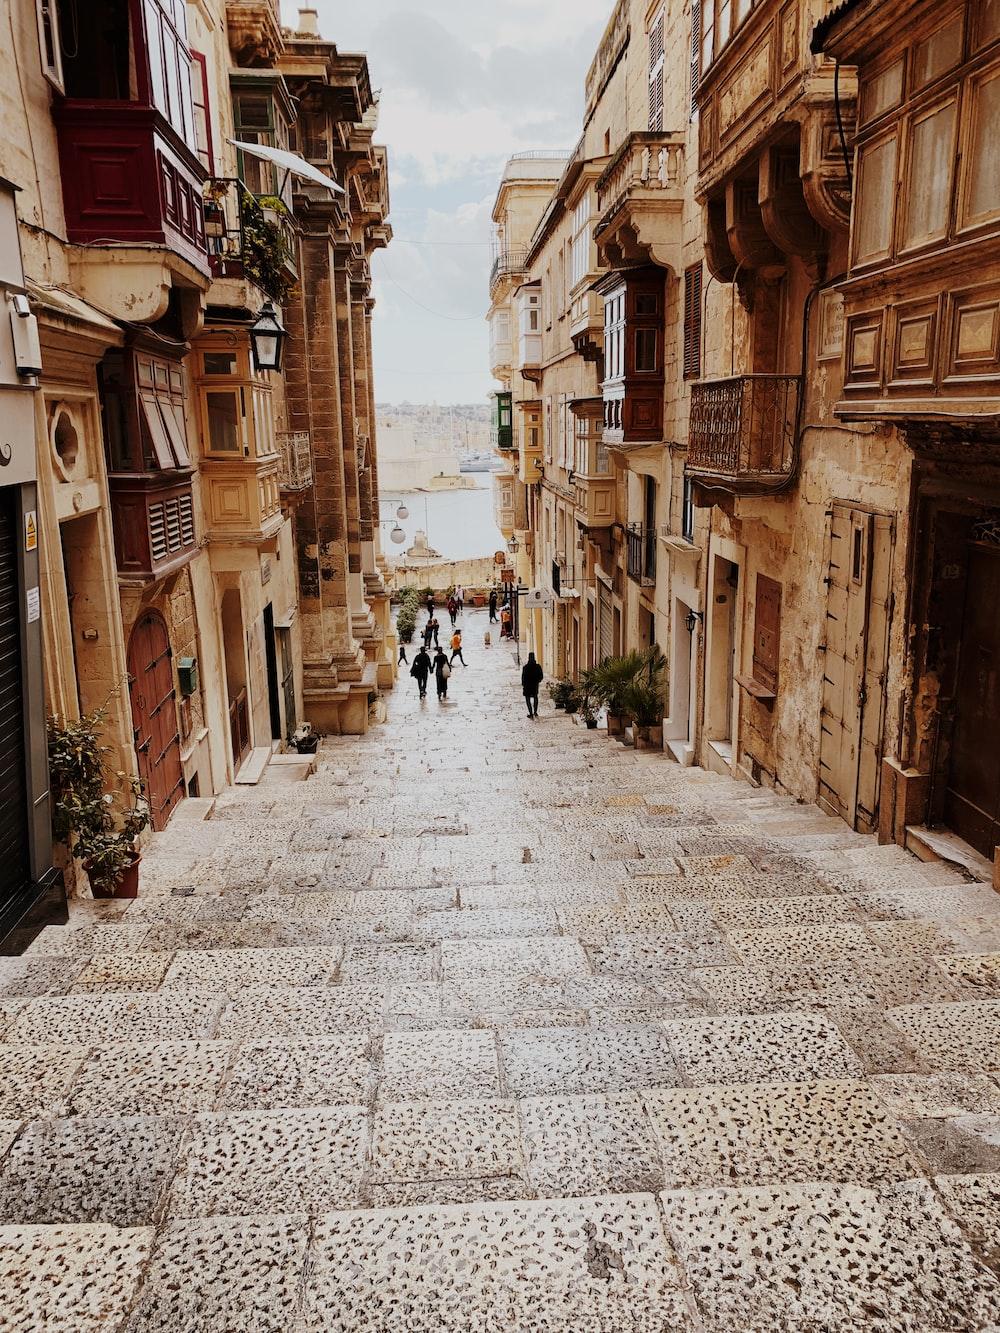 people walking on stairs between brown buildings during daytime